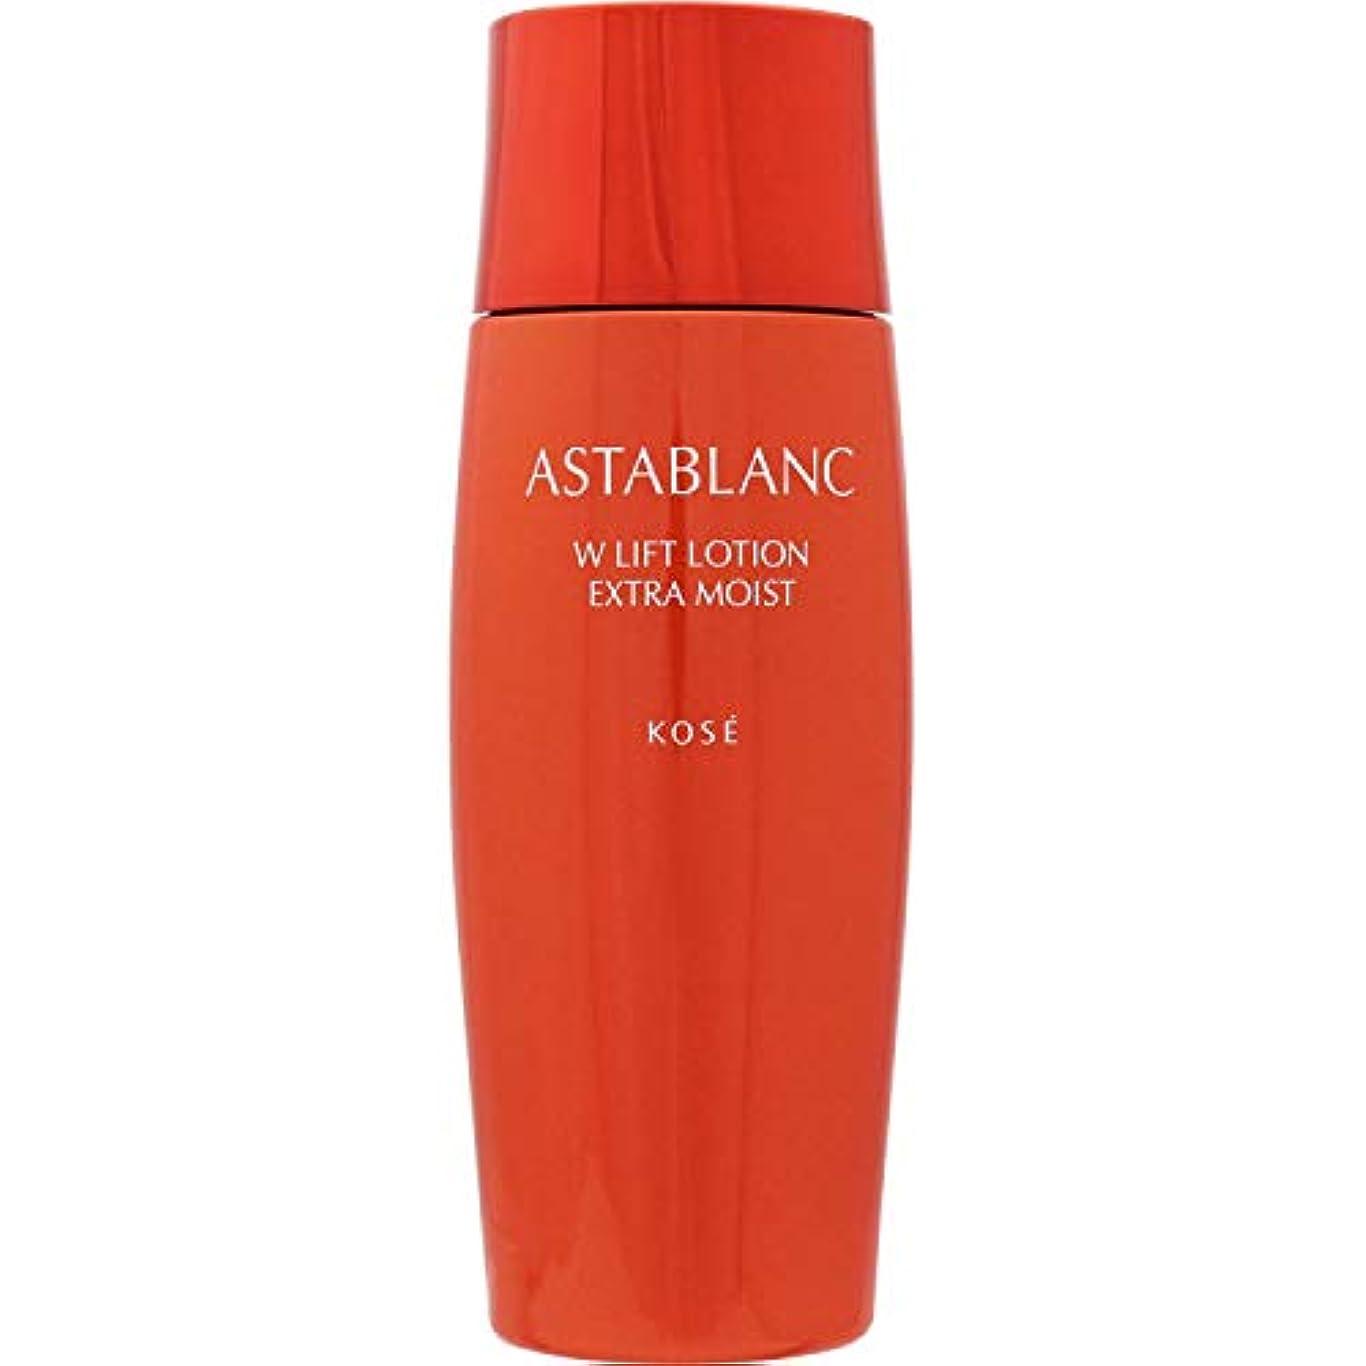 汗機会バーマドASTABLANC(アスタブラン) アスタブラン Wリフト ローション とてもしっとり 化粧水 140mL